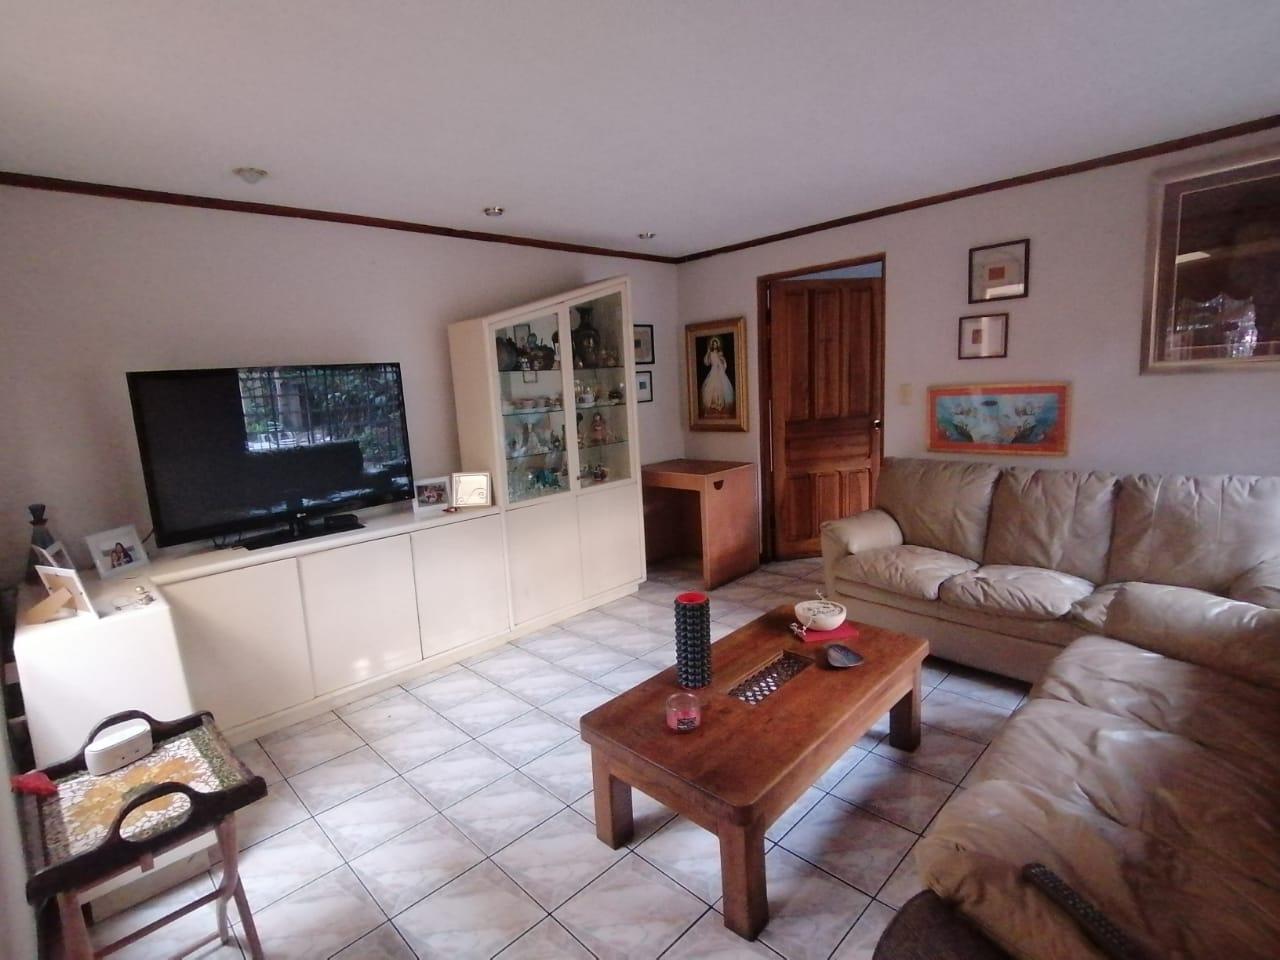 744 Se Vende Casa independiente en Sabana Oeste con uso Mixto